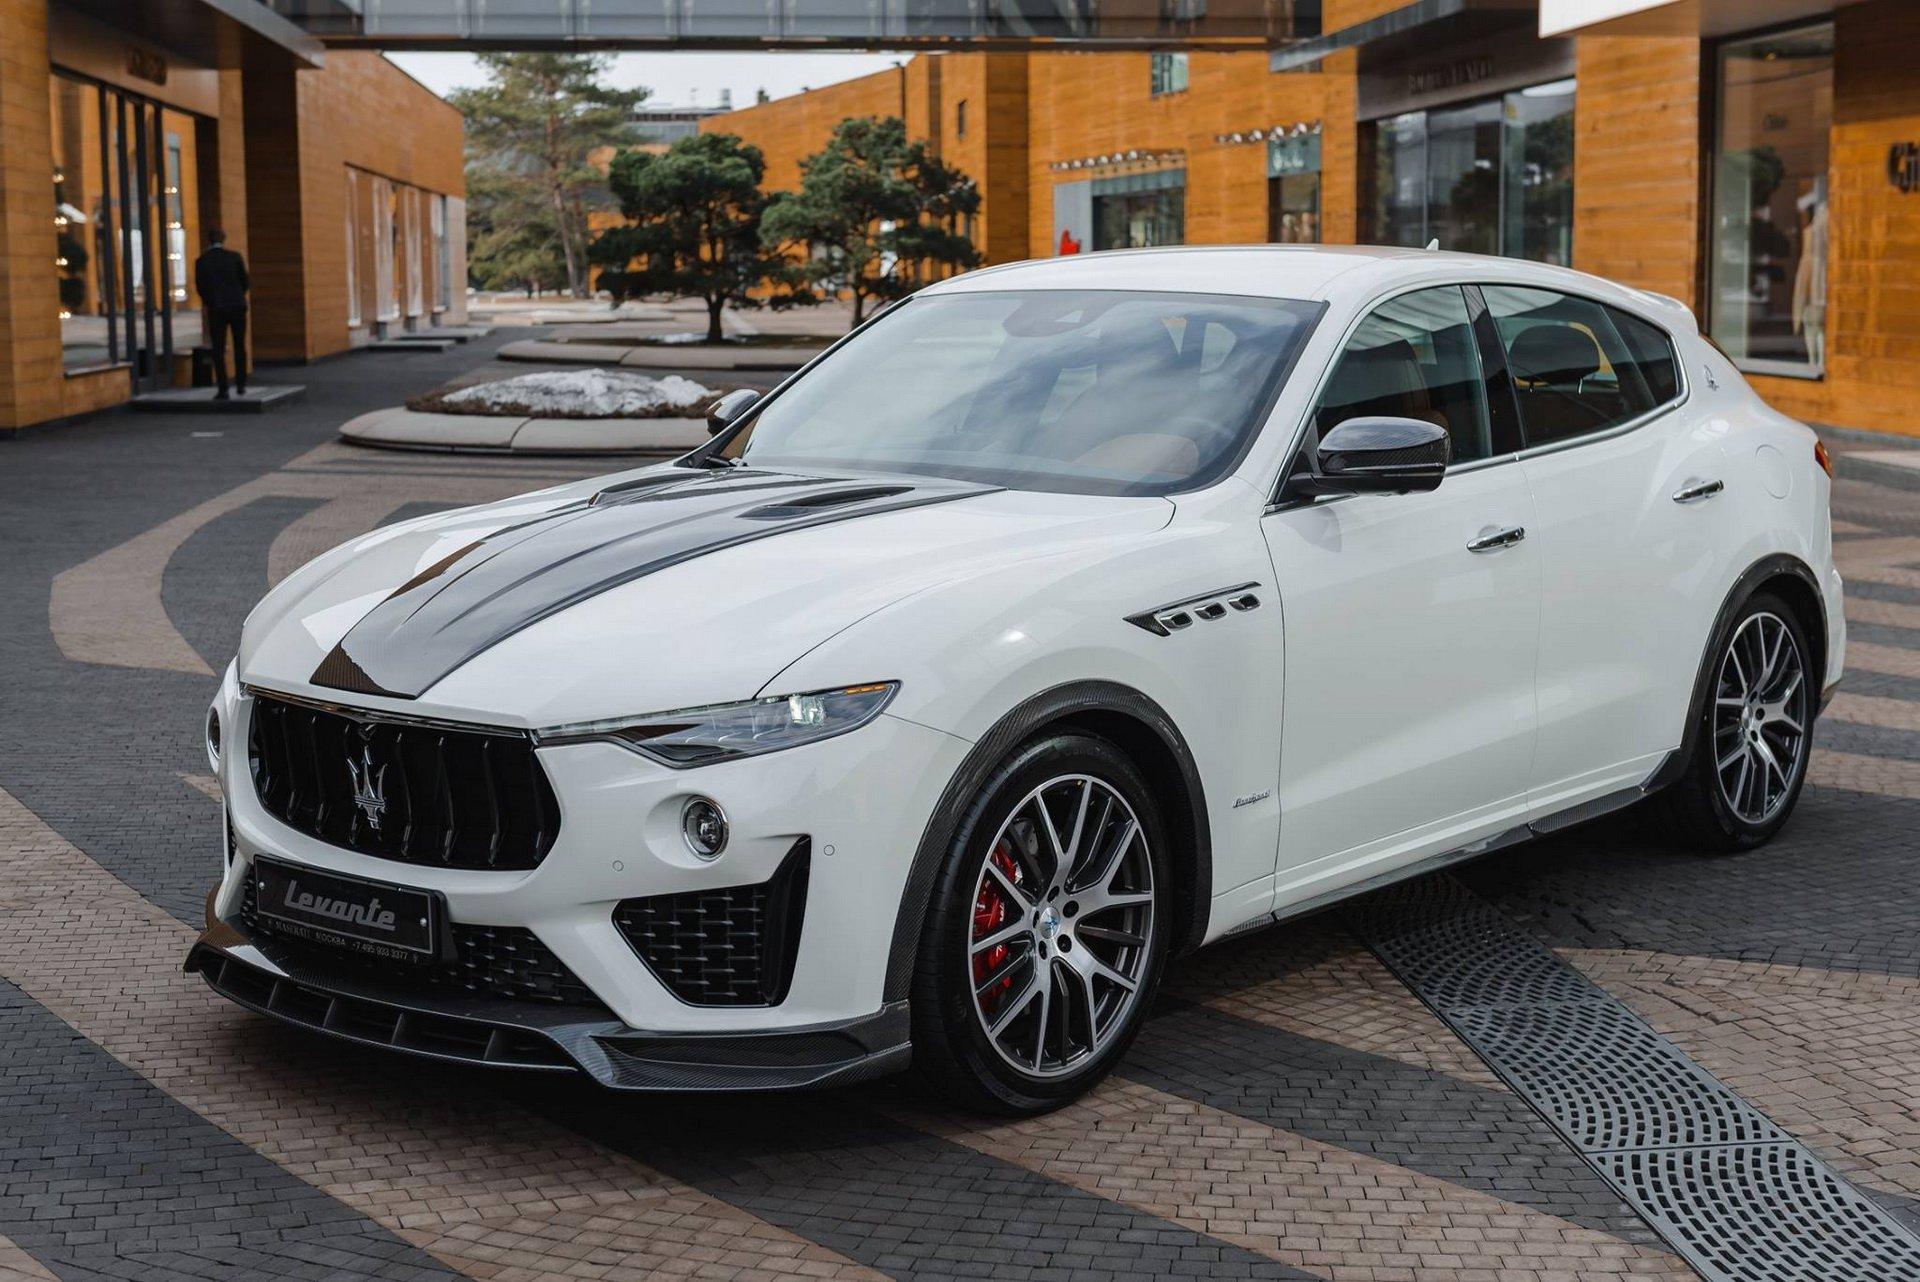 Maserati_Levante_Shtorm_GT_by_Larte_Design_0000